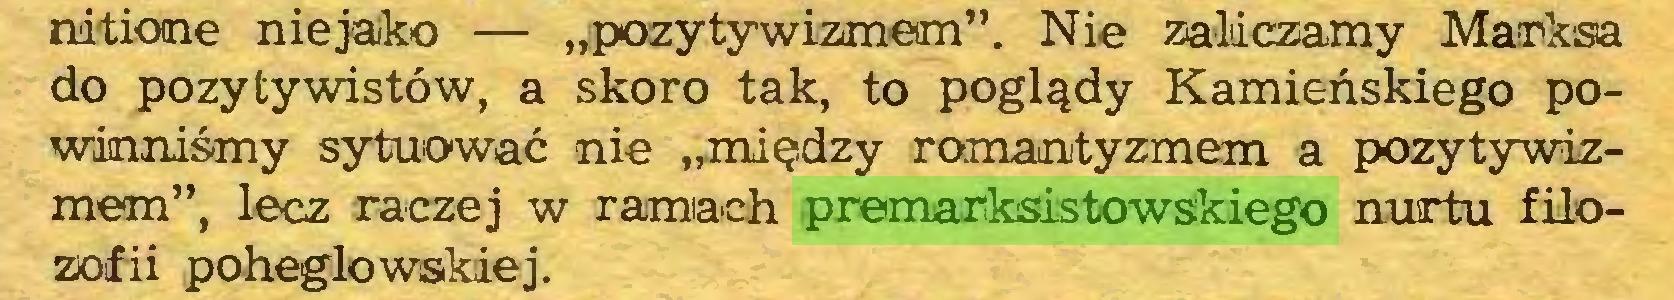 """(...) nitione niejako — """"pozytywizmem"""". Nie zaliczamy Marksa do pozytywistów, a skoro tak, to poglądy Kamieńskiego powinniśmy sytuować nie """"między romantyzmem a pozytywizmem"""", lecz raczej w ramach premarksistowskiego nurtu filozofii poheglowskiej..."""